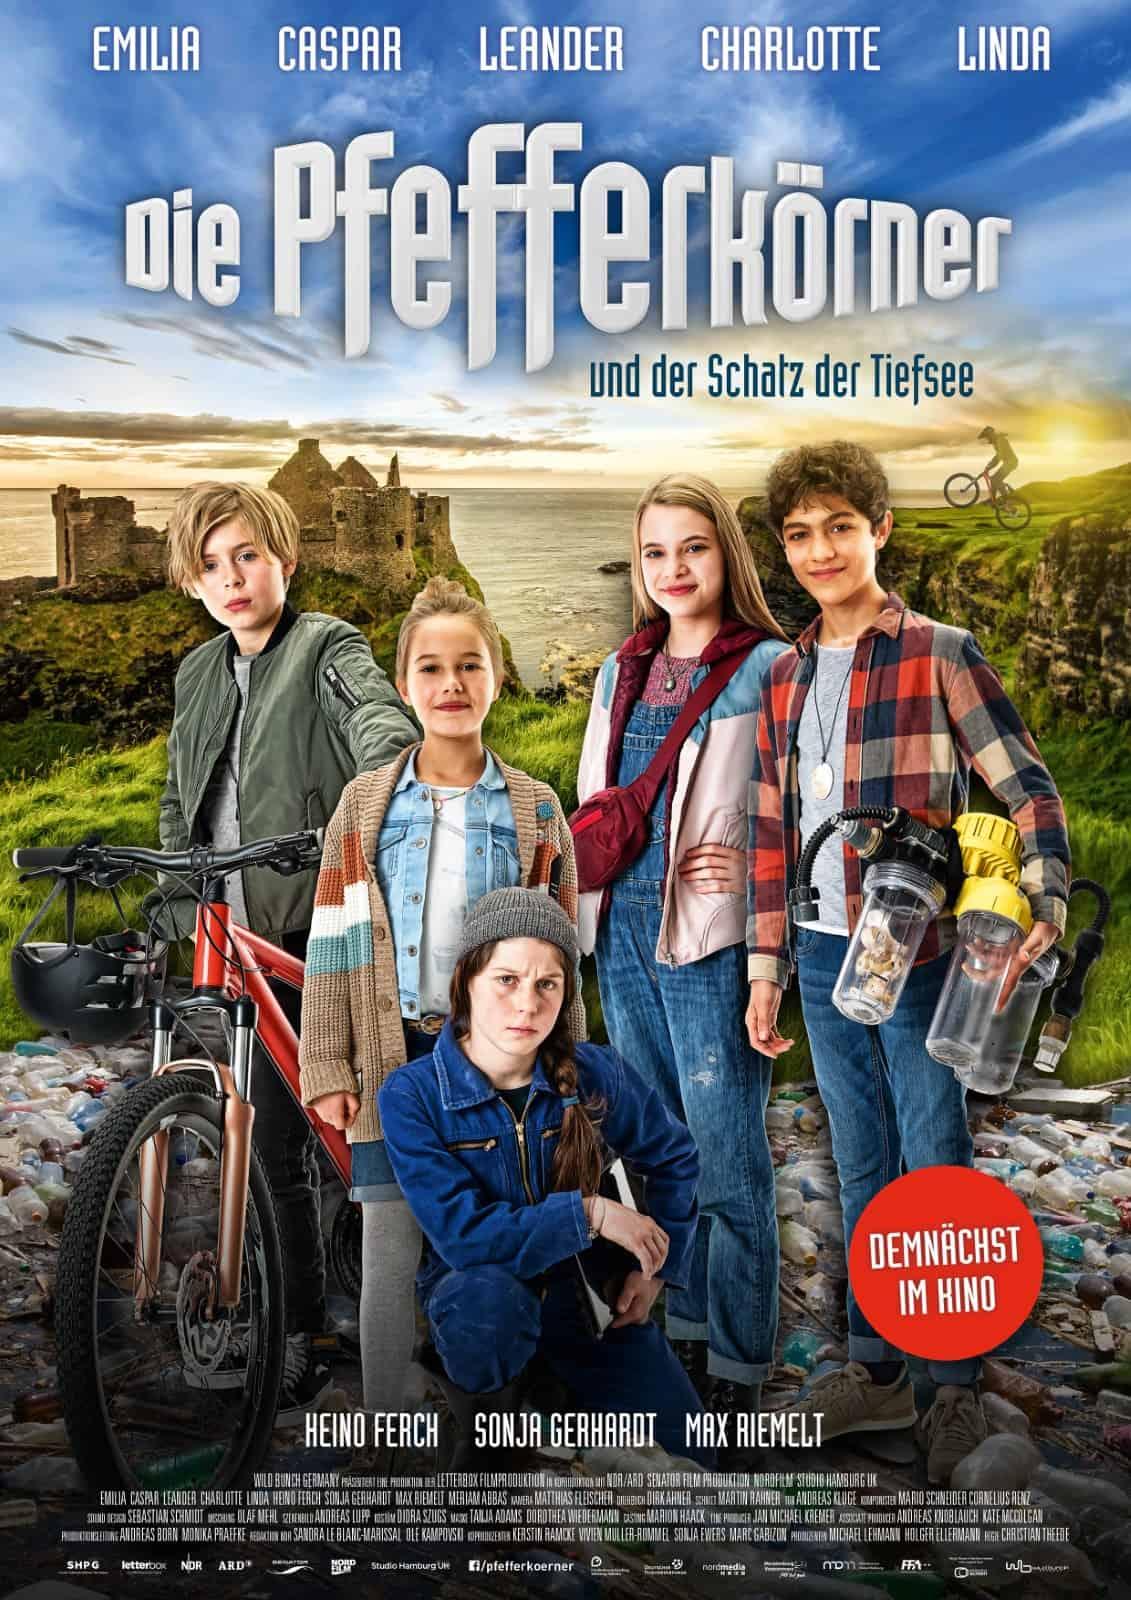 Die Pfefferkörner und der Schatz der Tiefsee startet am 30. September in den Kinos